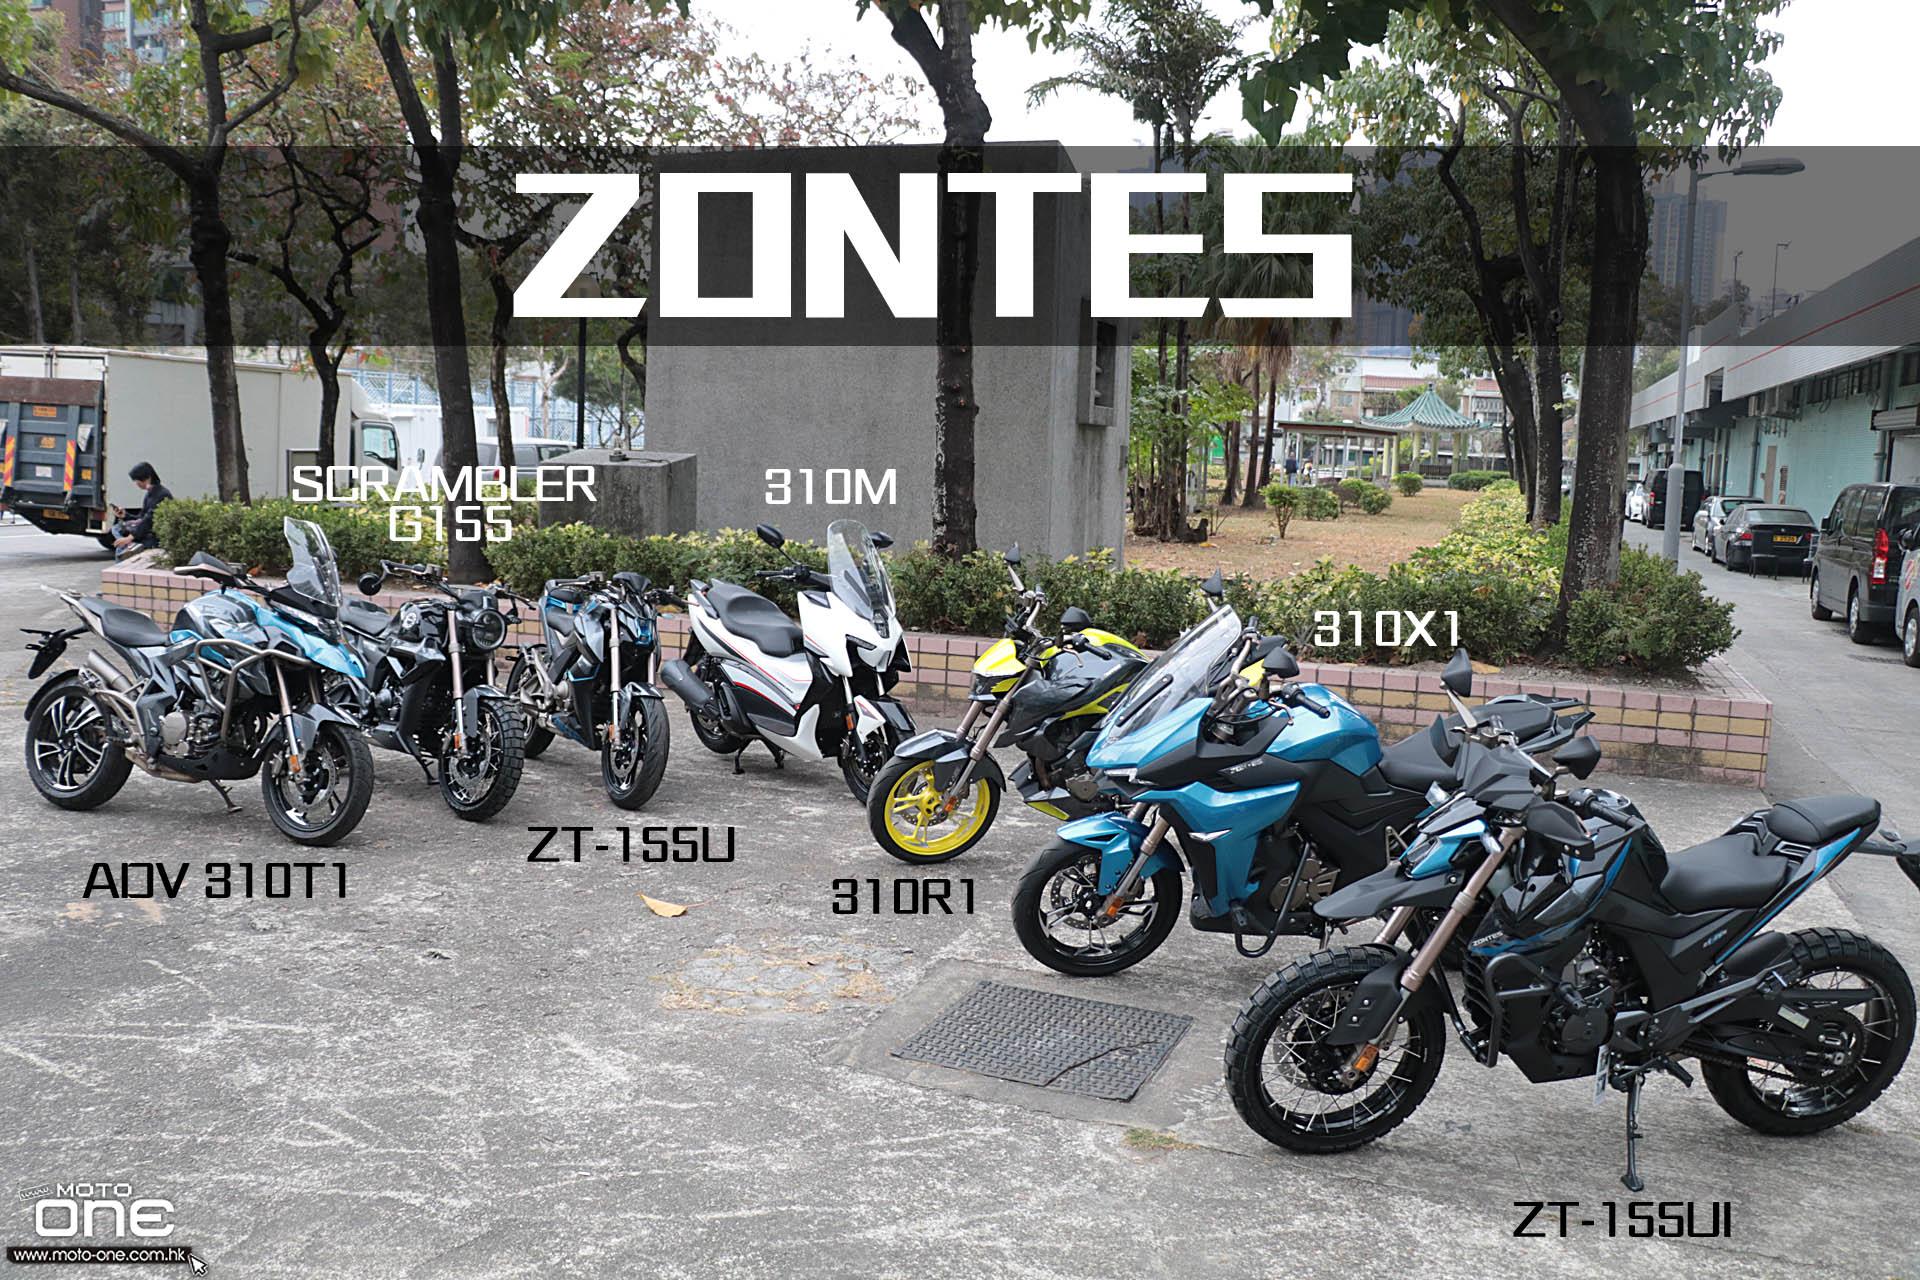 2021 ZONTES ADV 310T1